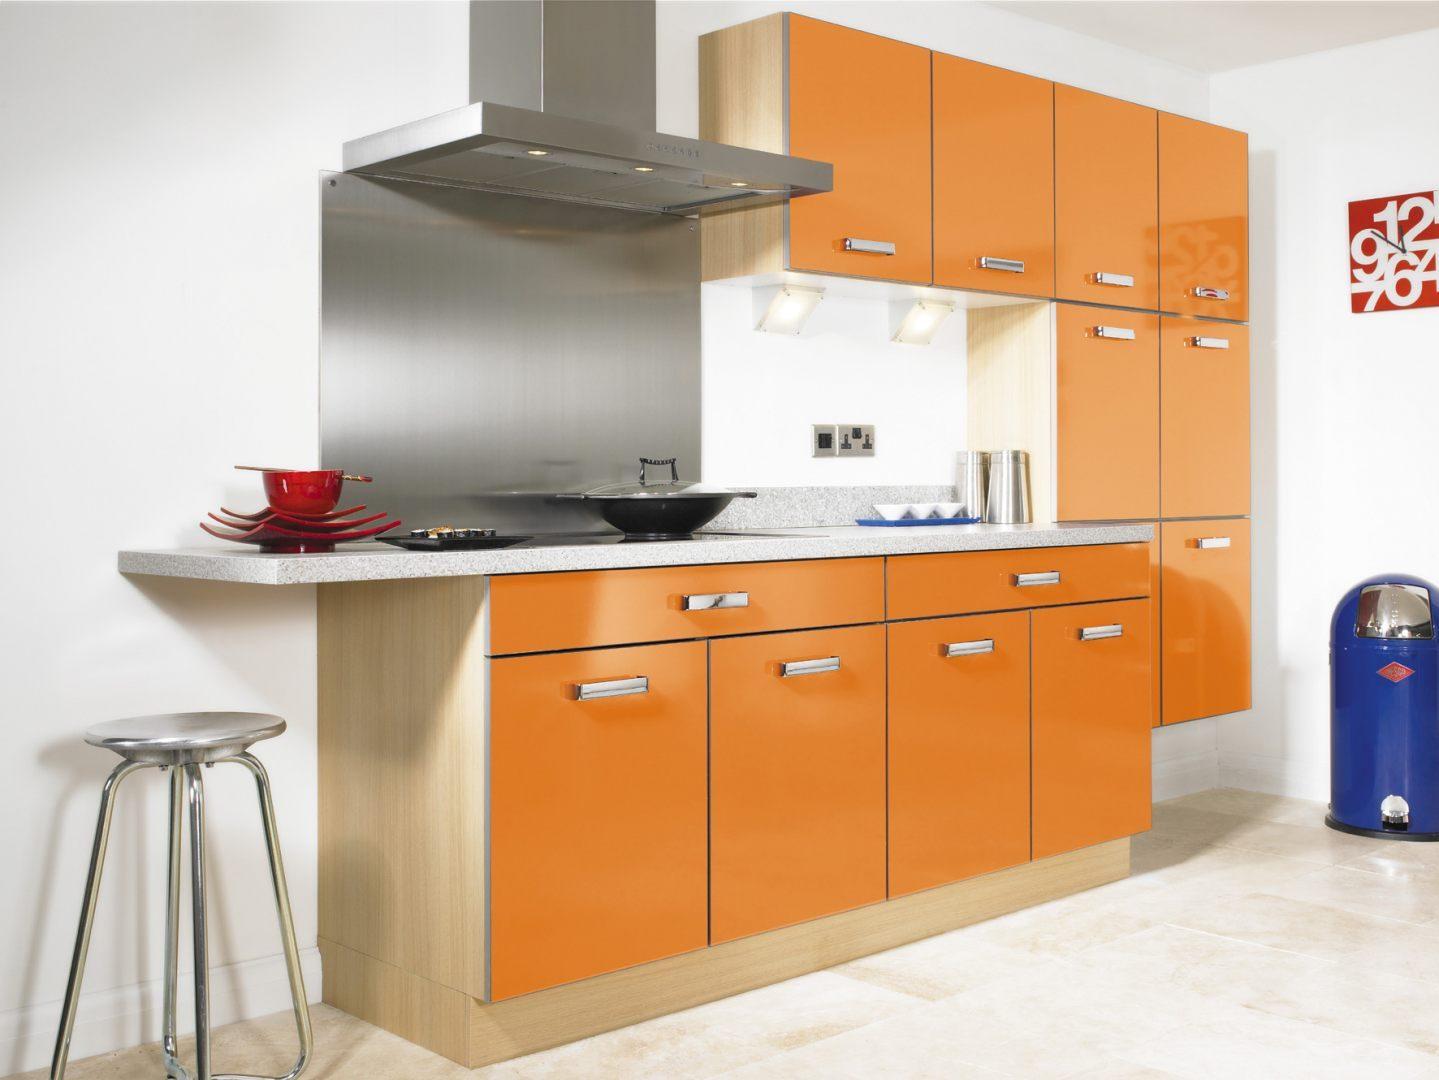 Armarios de cocina naranjas im genes y fotos - Armarios de cocina en kit ...